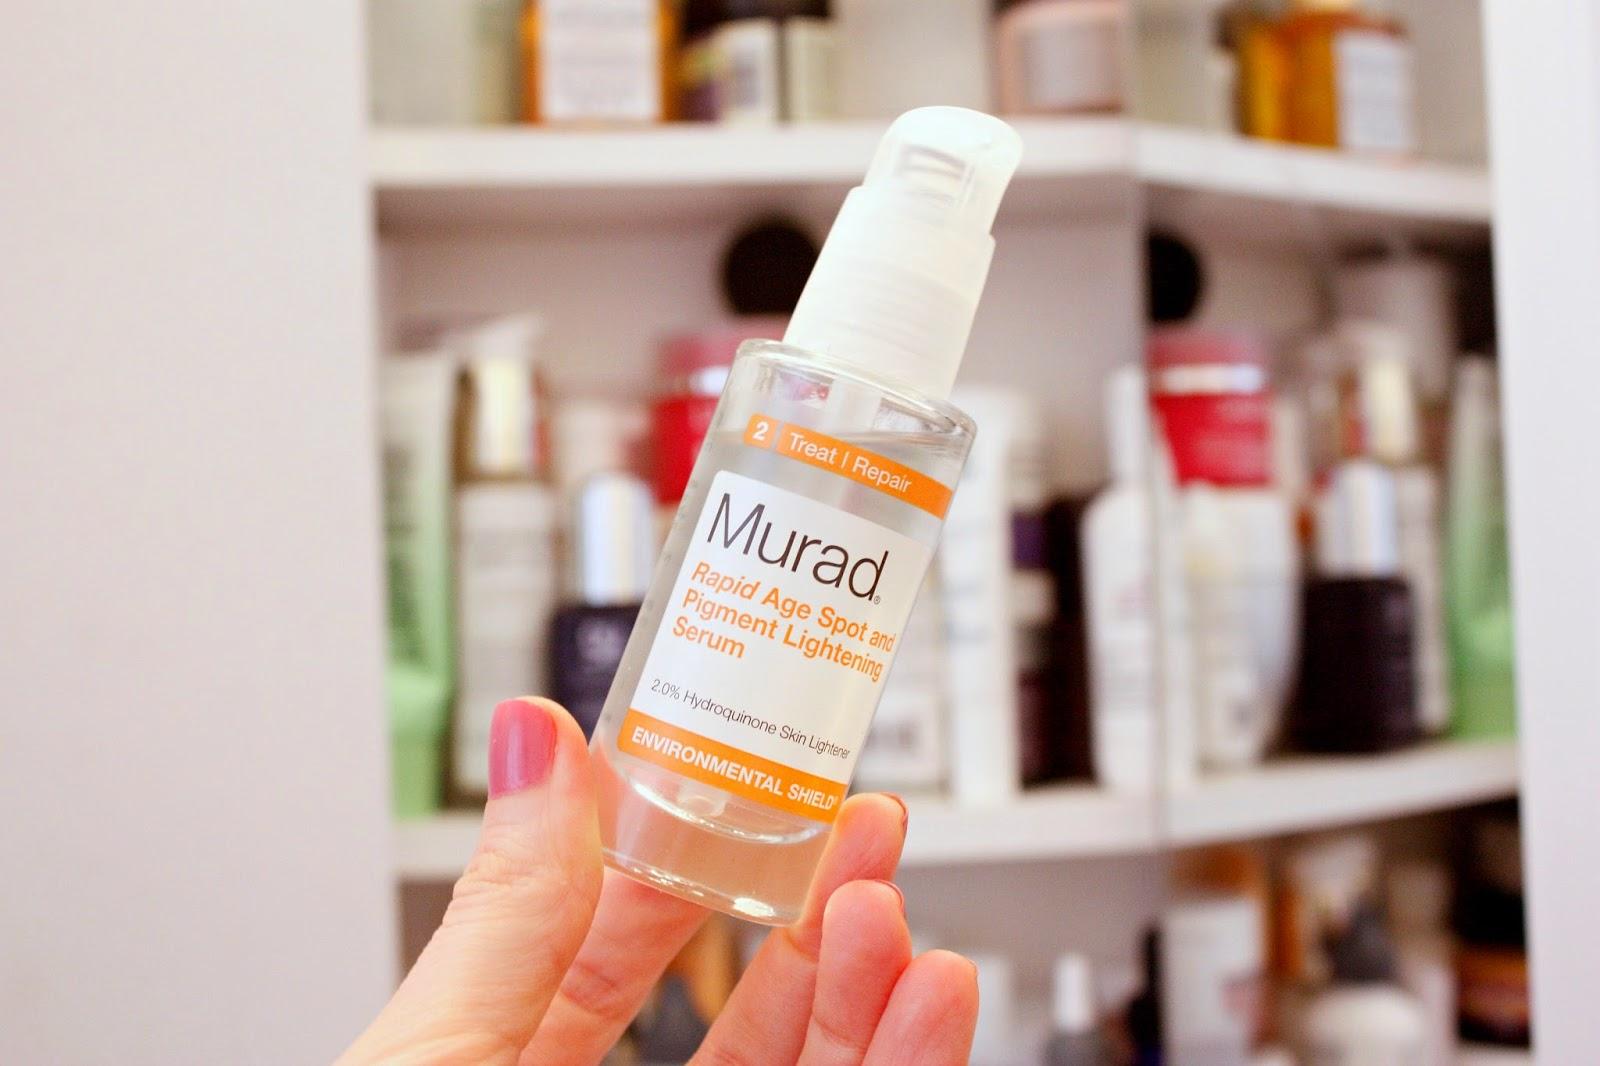 Sản phẩm không hề gây bết dính trên da khi bạn sử dụng.